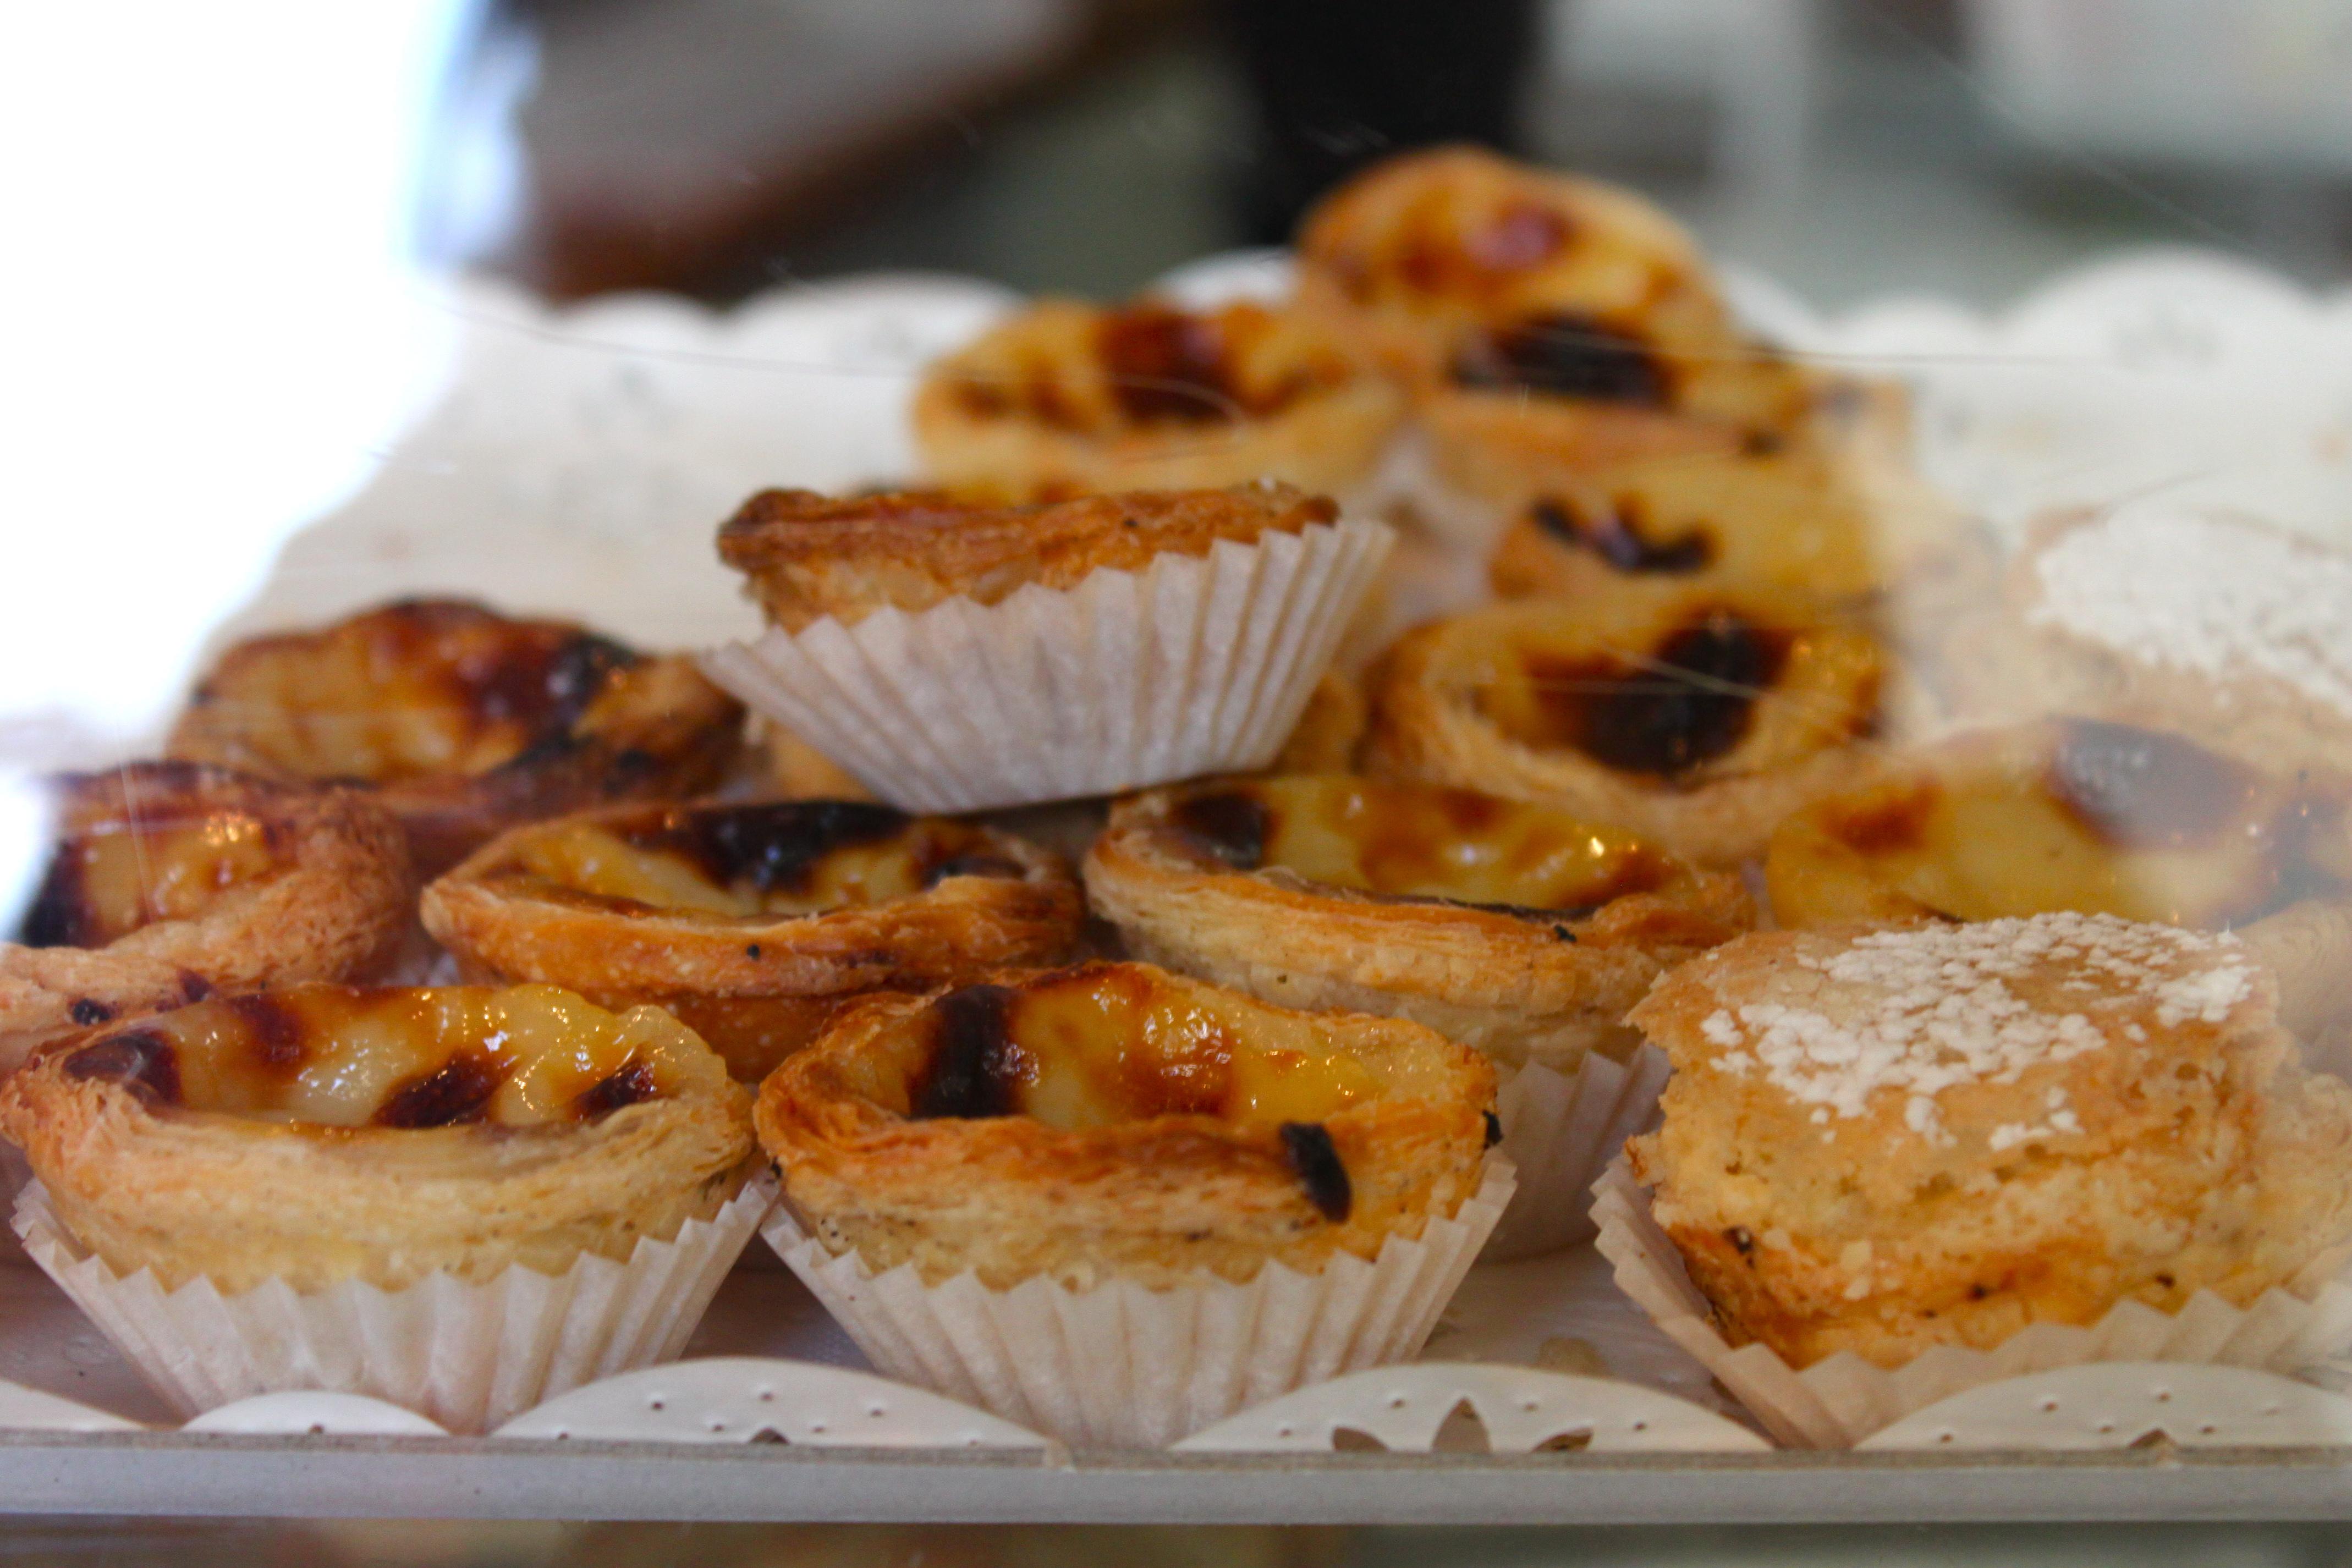 Assises autour d\u0027un petit guéridon en marbre, nous avons pris le thé et  gouté quelques,unes des spécialités de cette jolie pâtisserie portugaise,